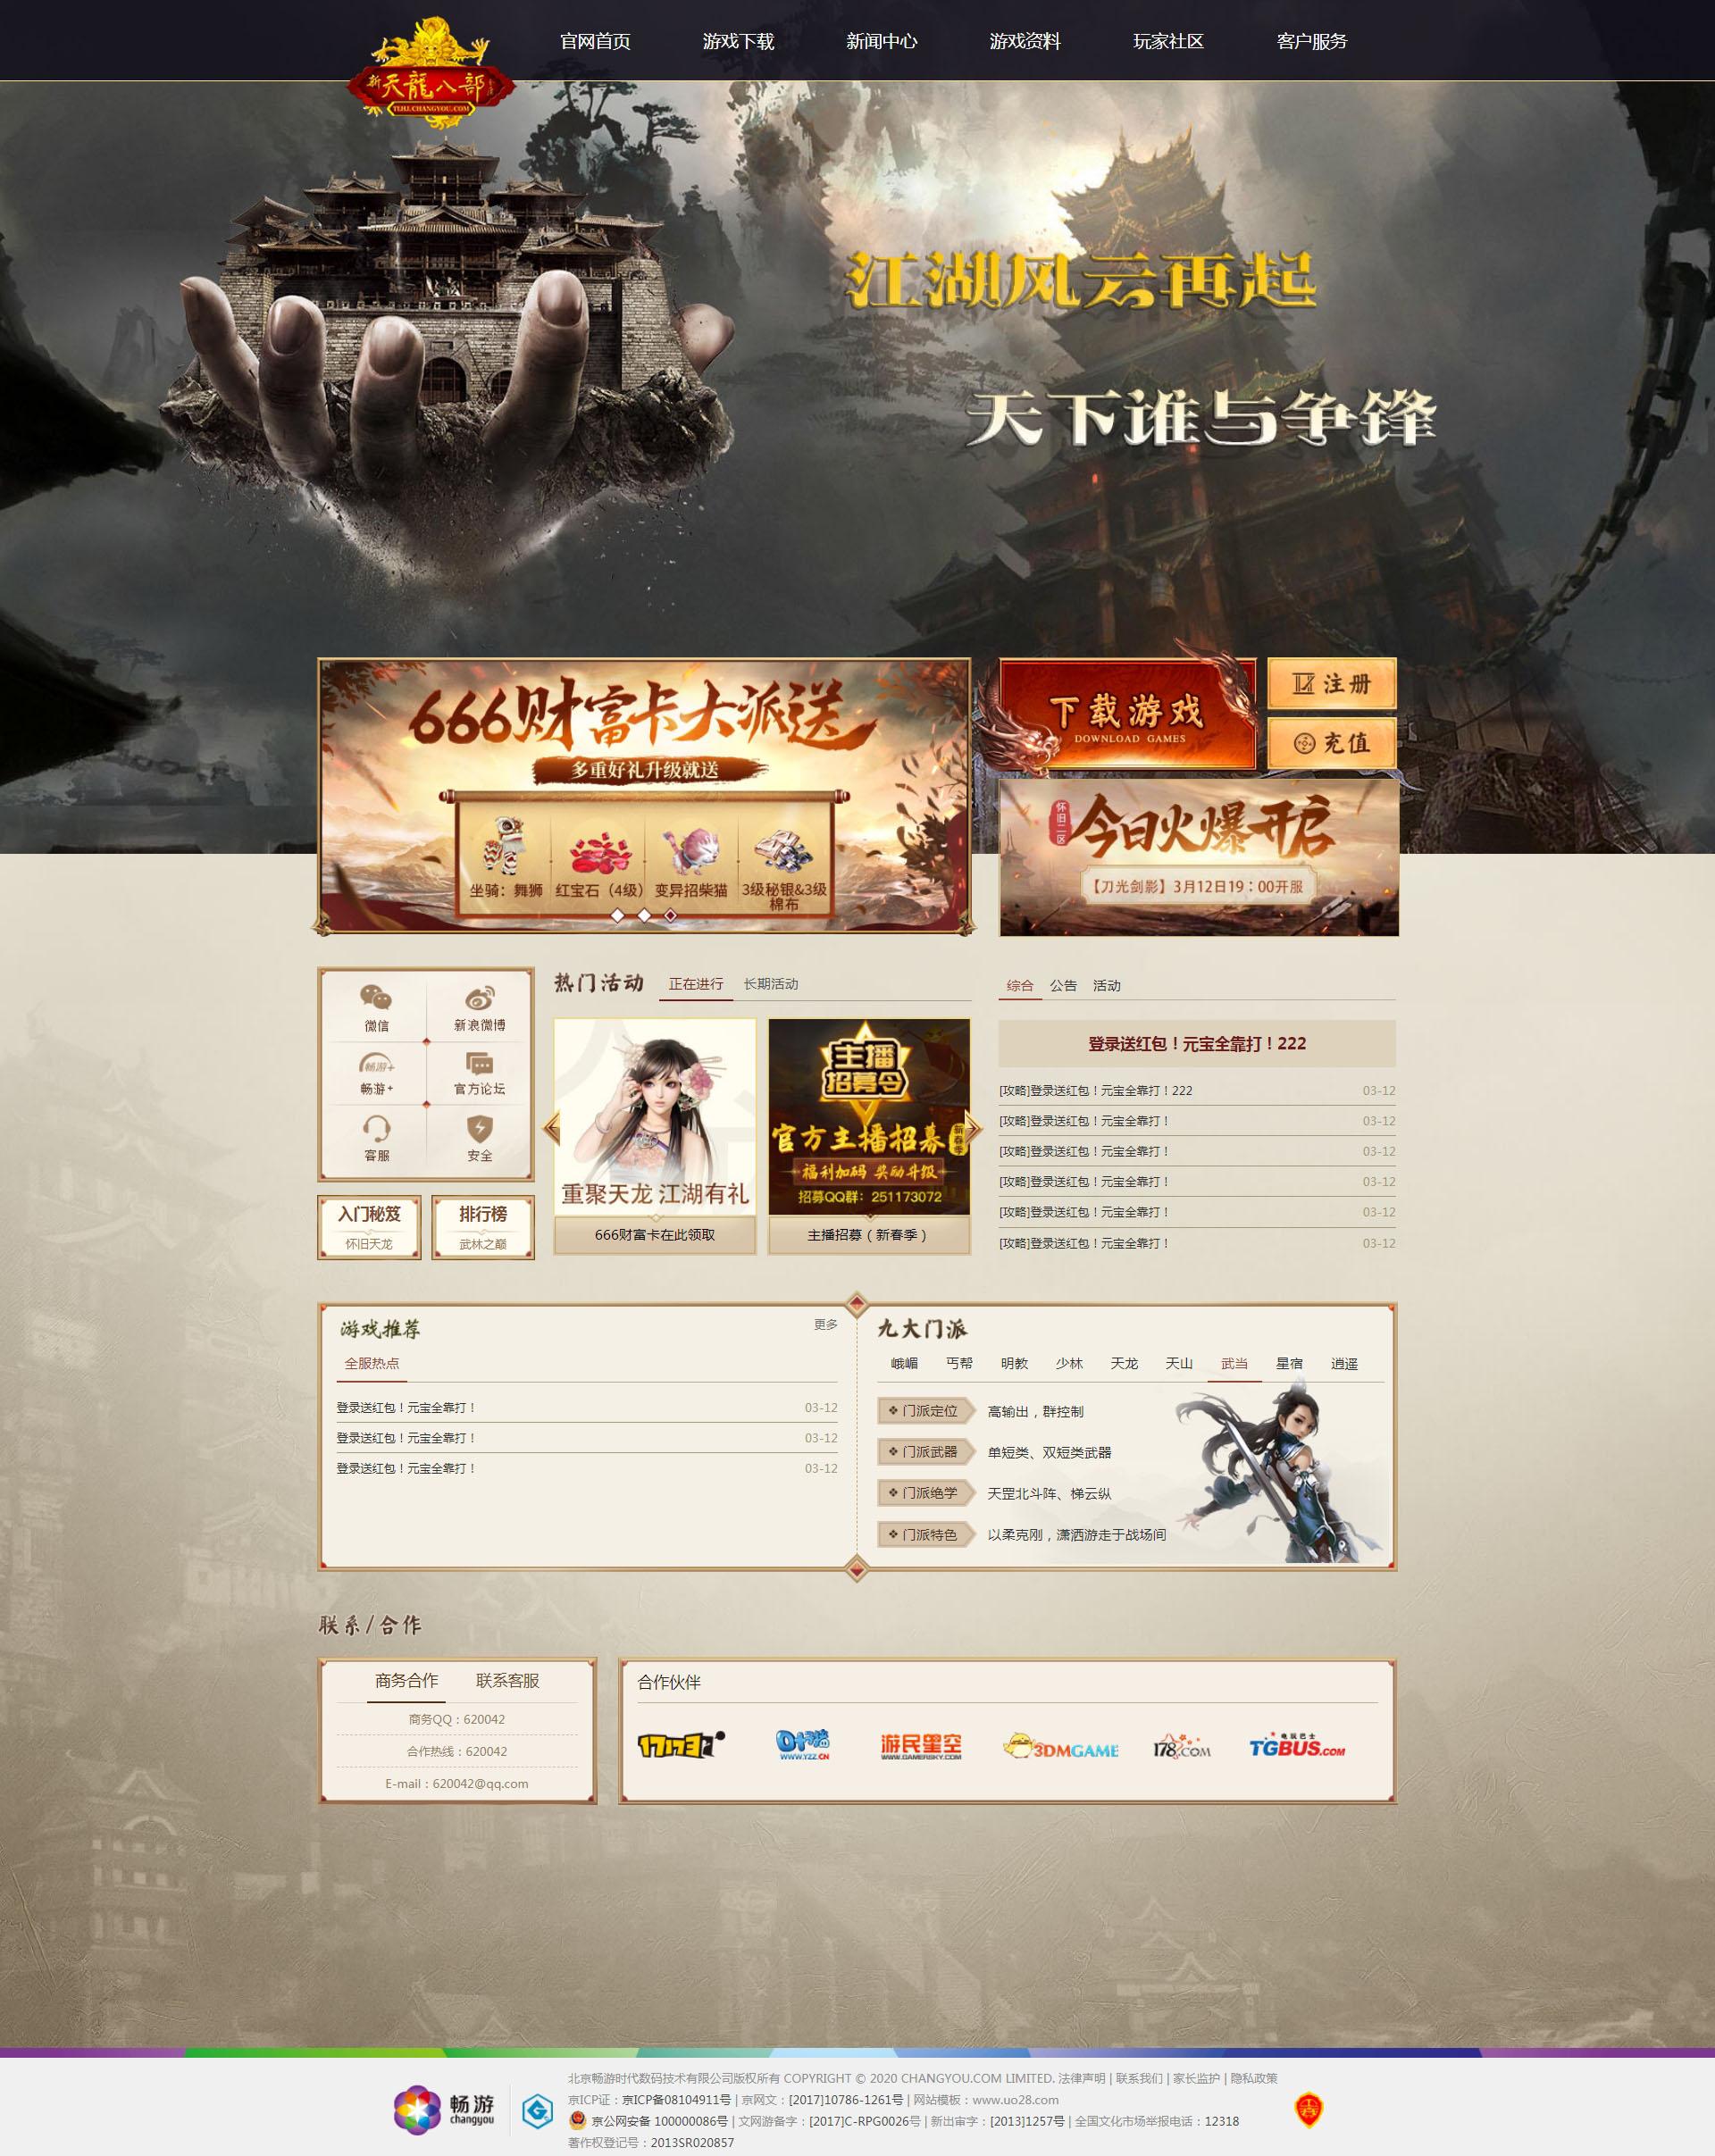 《天龙八部》官方传奇PHP神途传奇网站源码千年模板官网 带后台